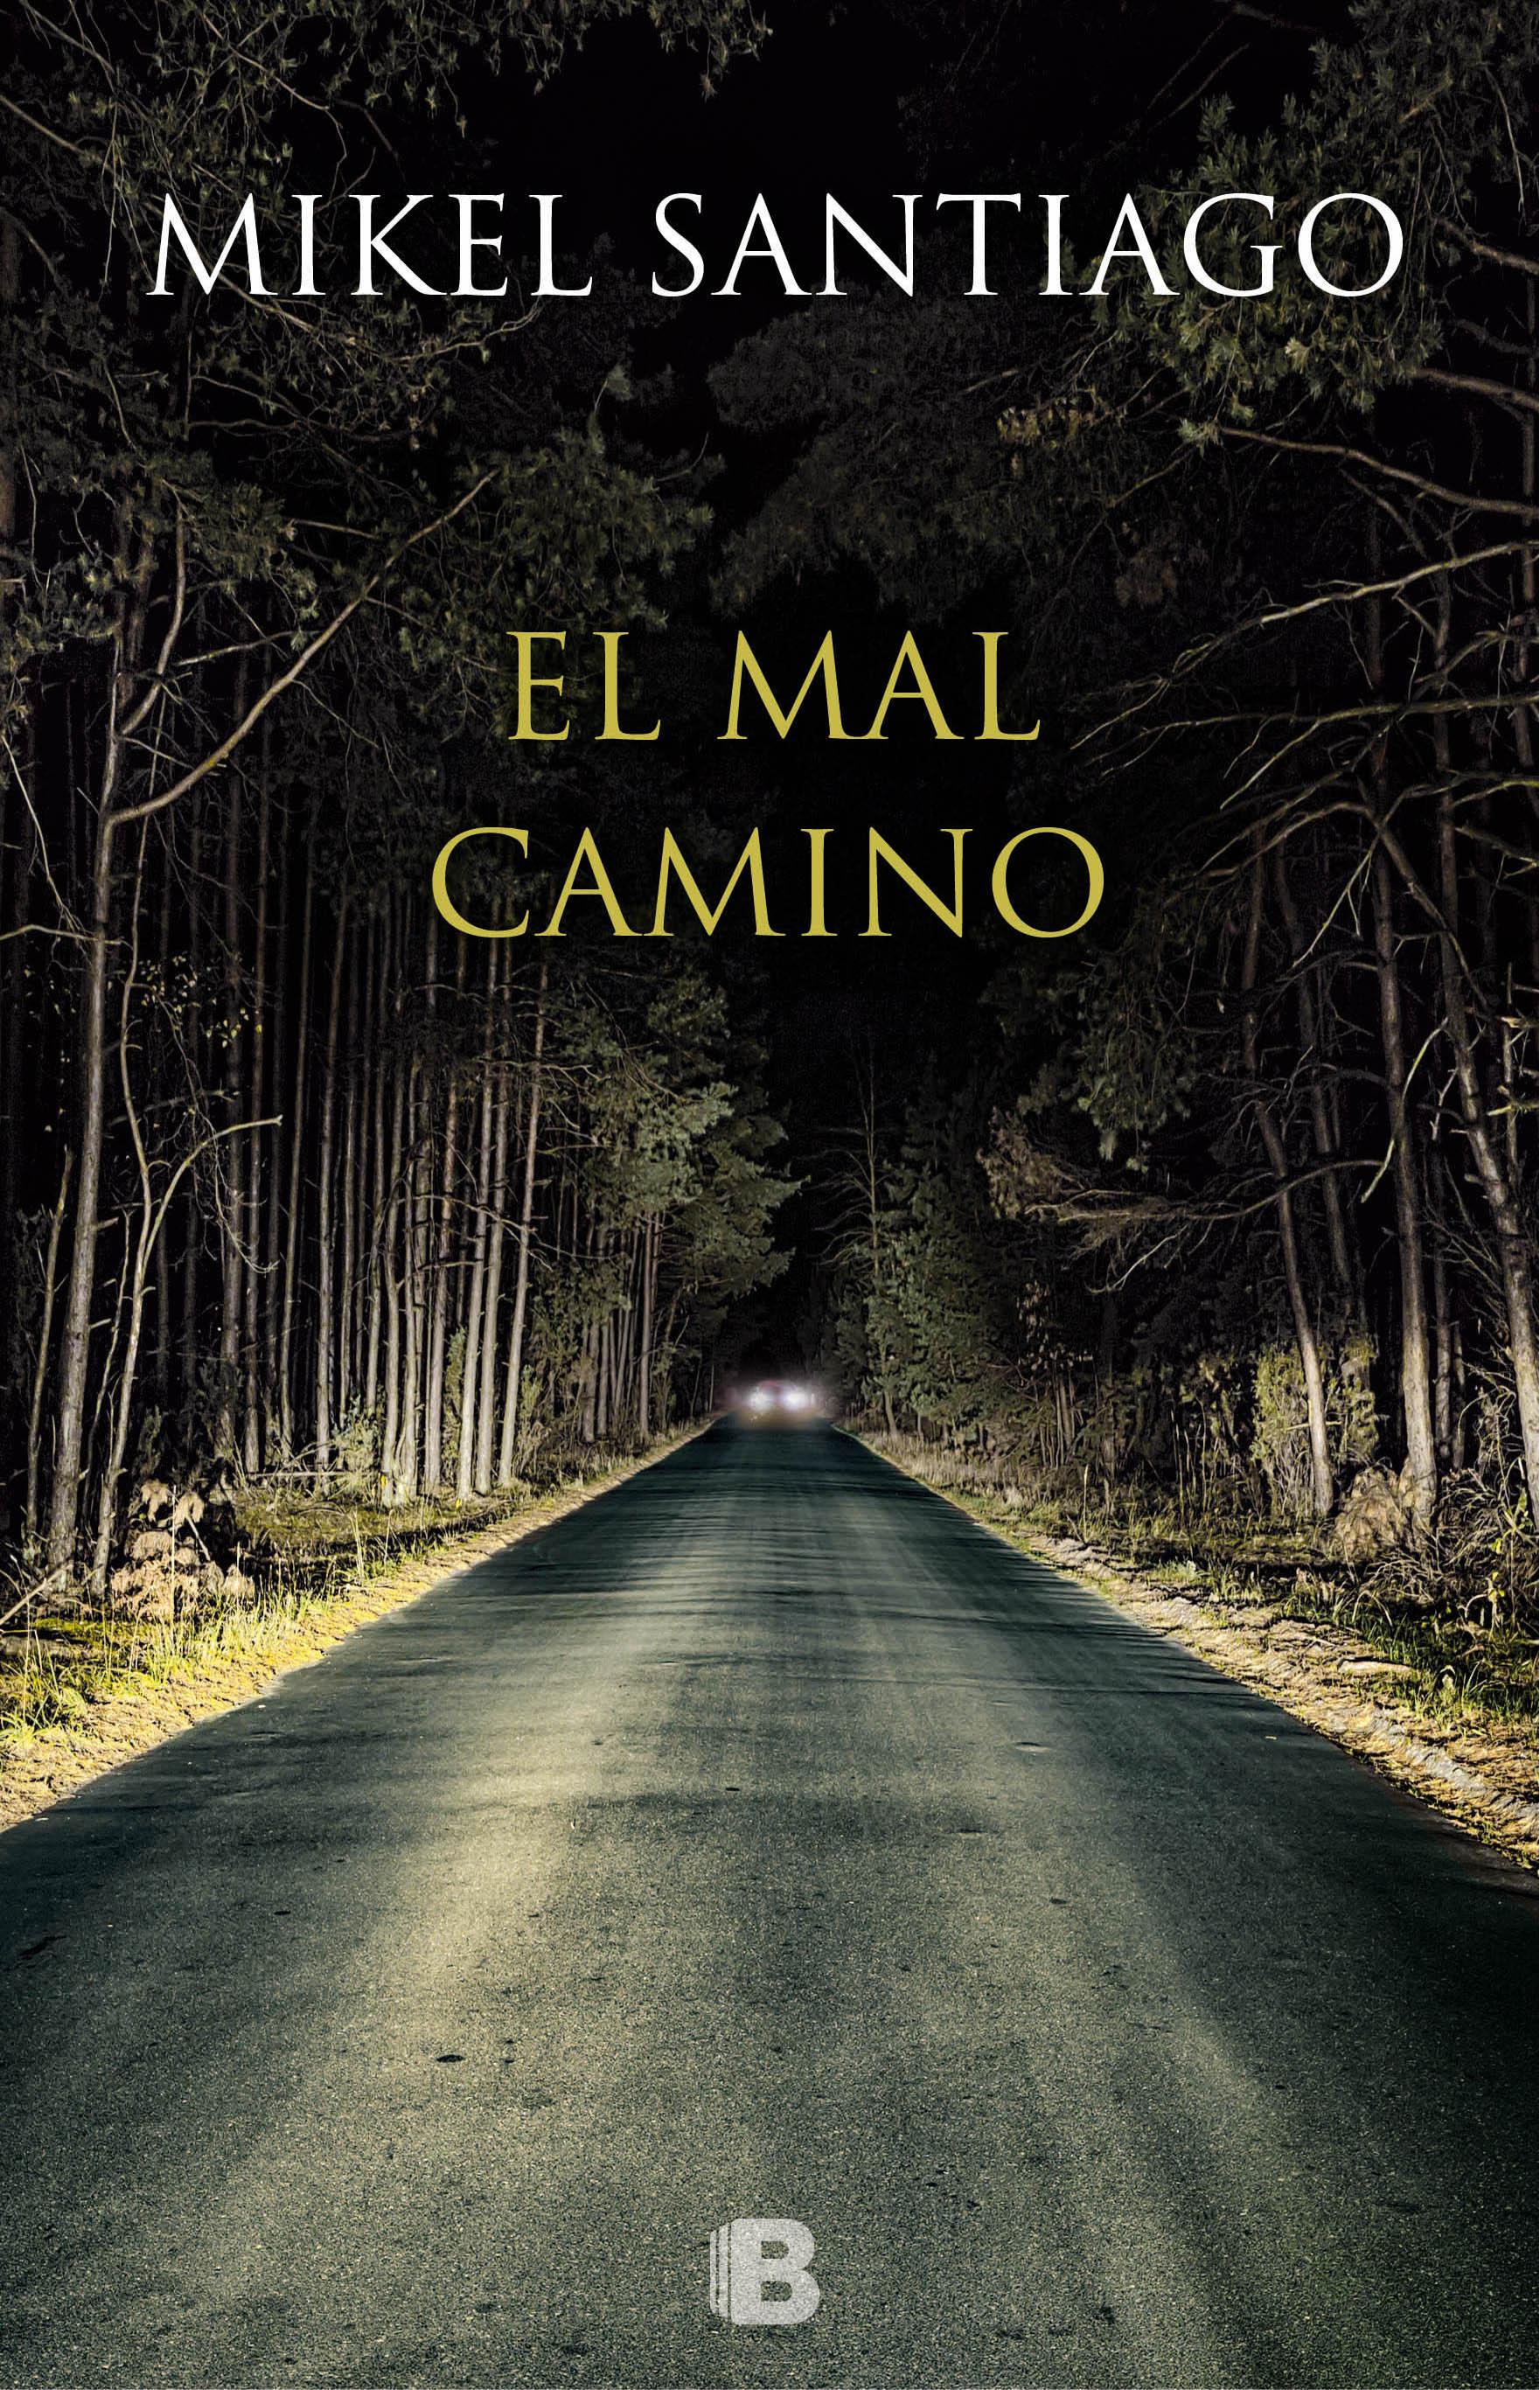 El mal camino - Mikel Santiago Portada